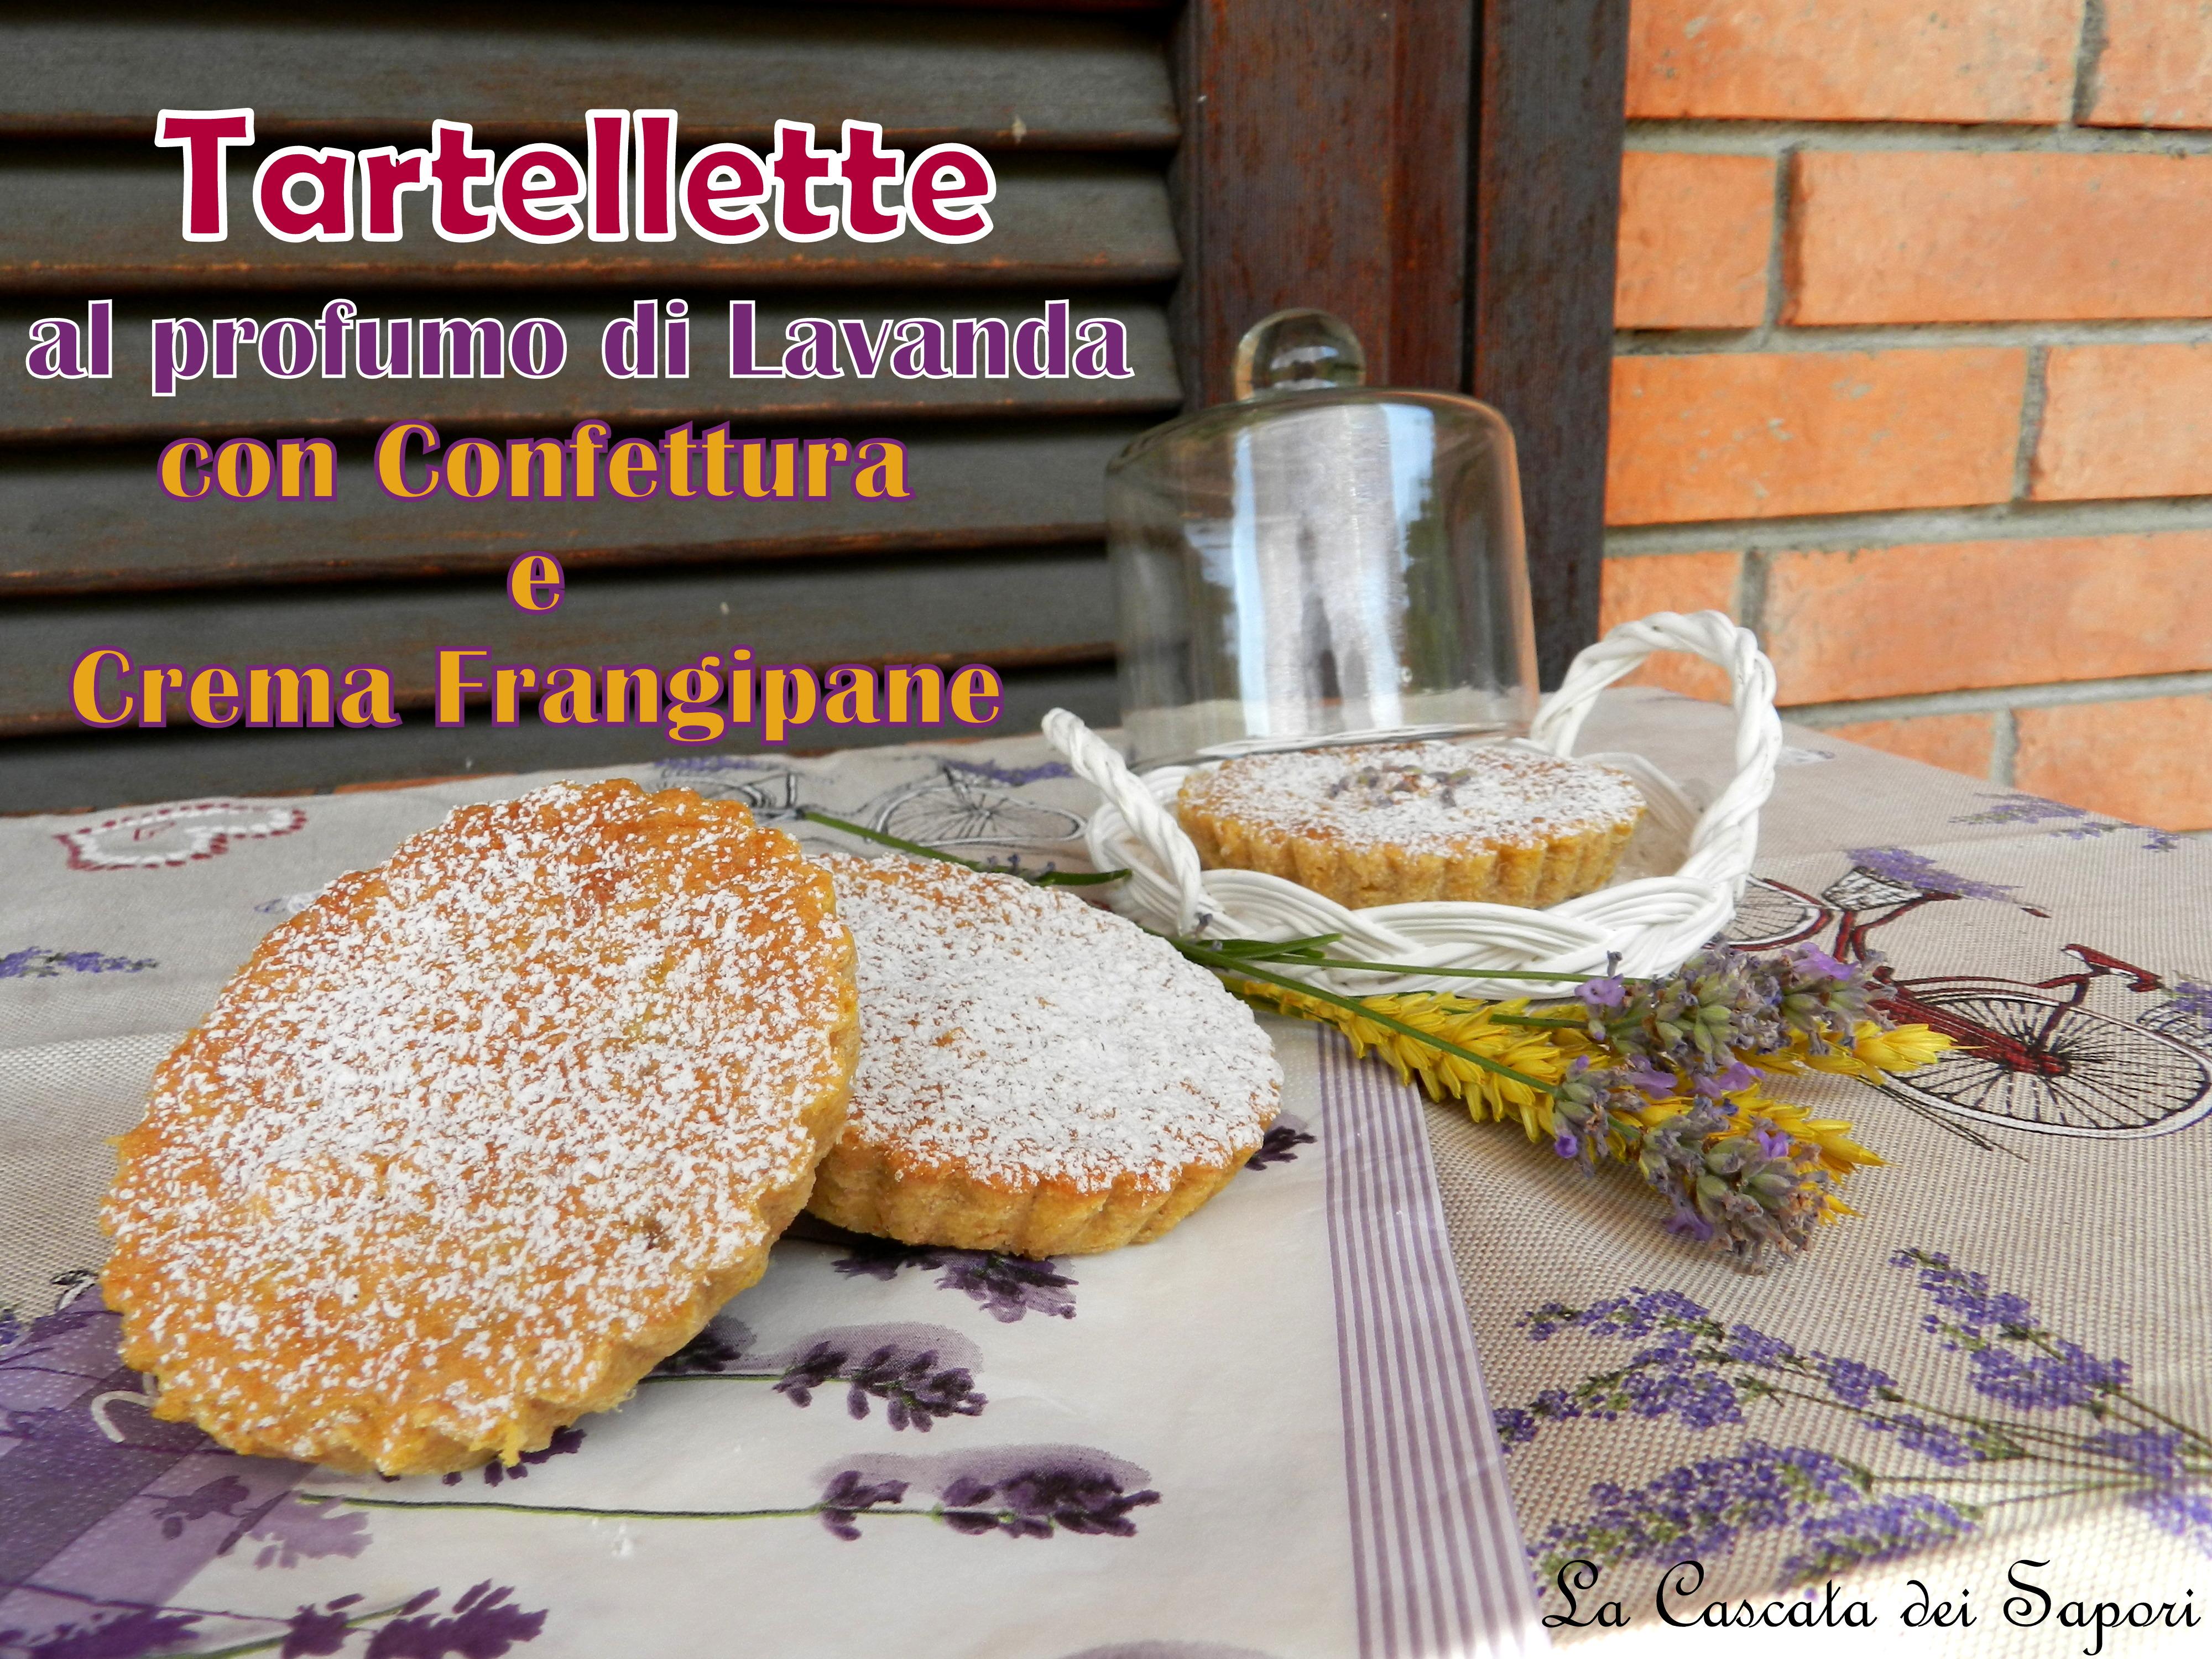 Tartellete-al-profumo-di-Lavanda-con-Confettura-e-Crema-Frangipane